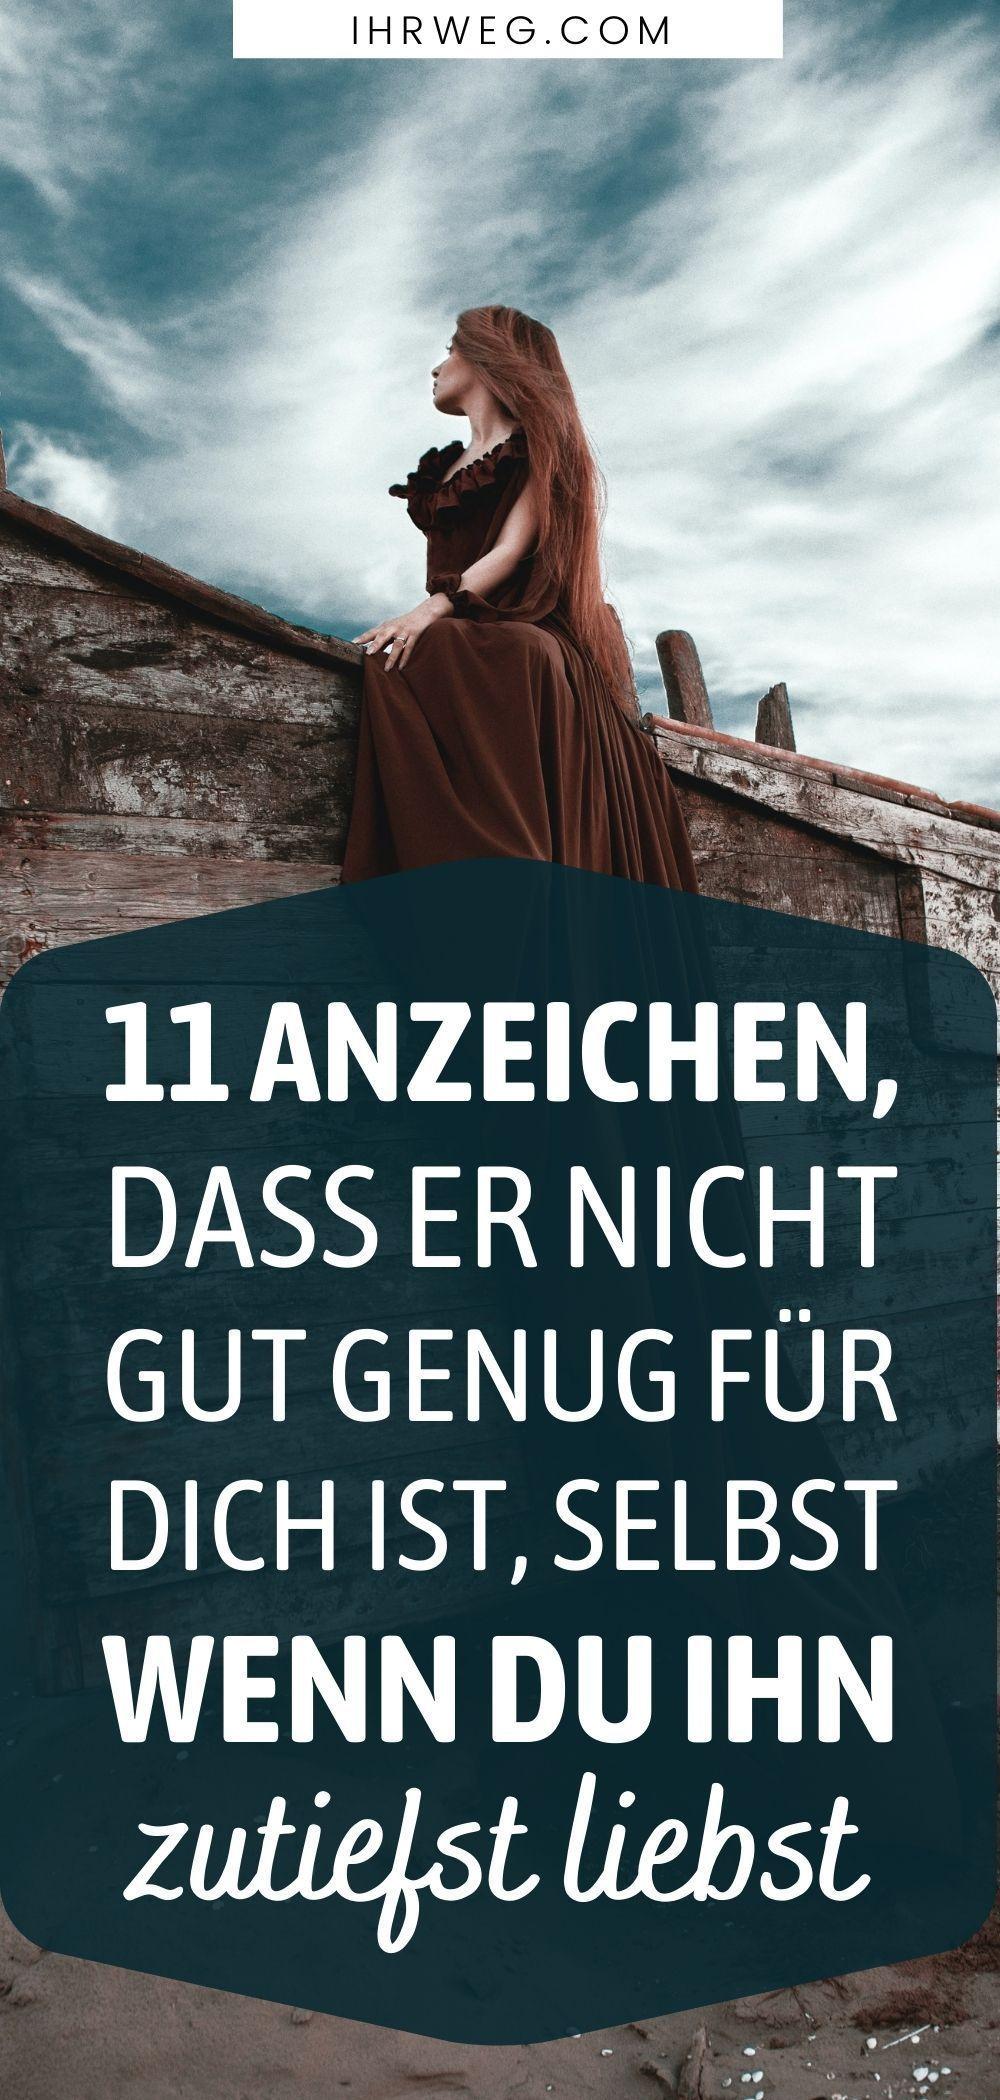 11 Anzeichen, Dass Er Nicht Gut Genug Für Dich Ist, Selbst